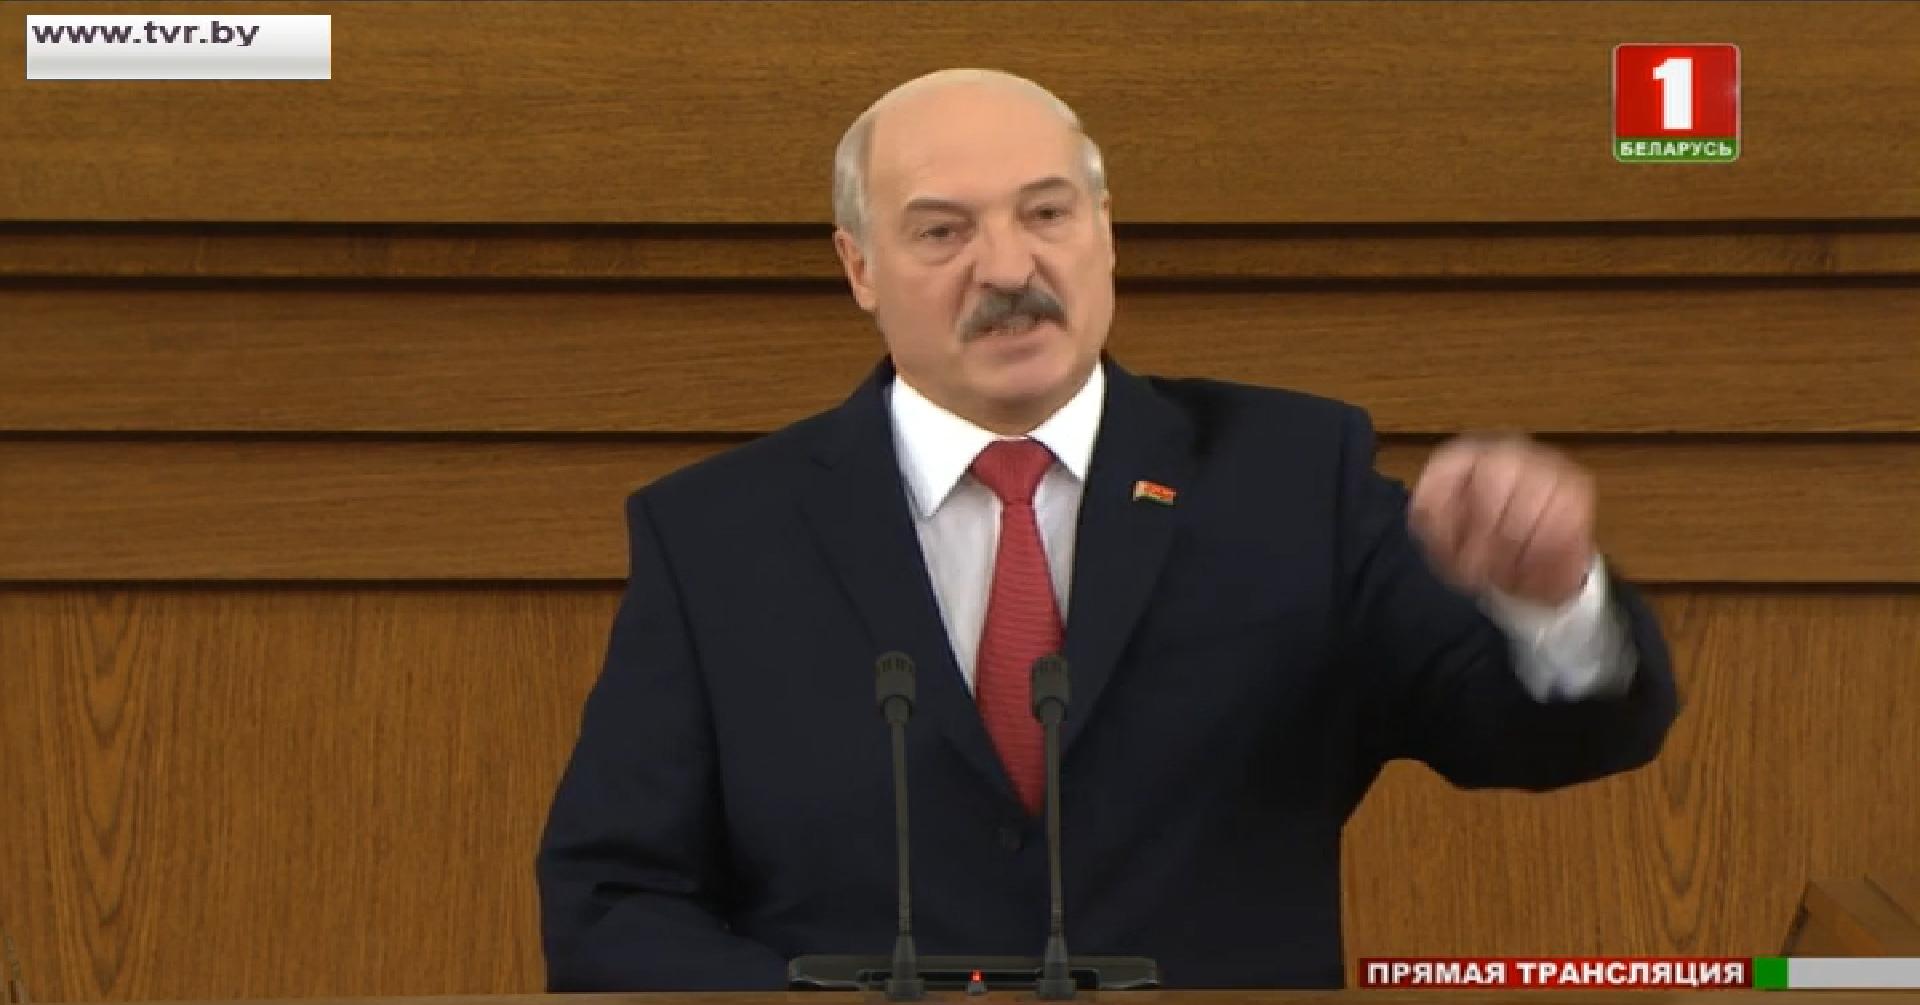 Дзясятка гарачых скрыншотаў, як чыноўнікі слухалі Лукашэнку